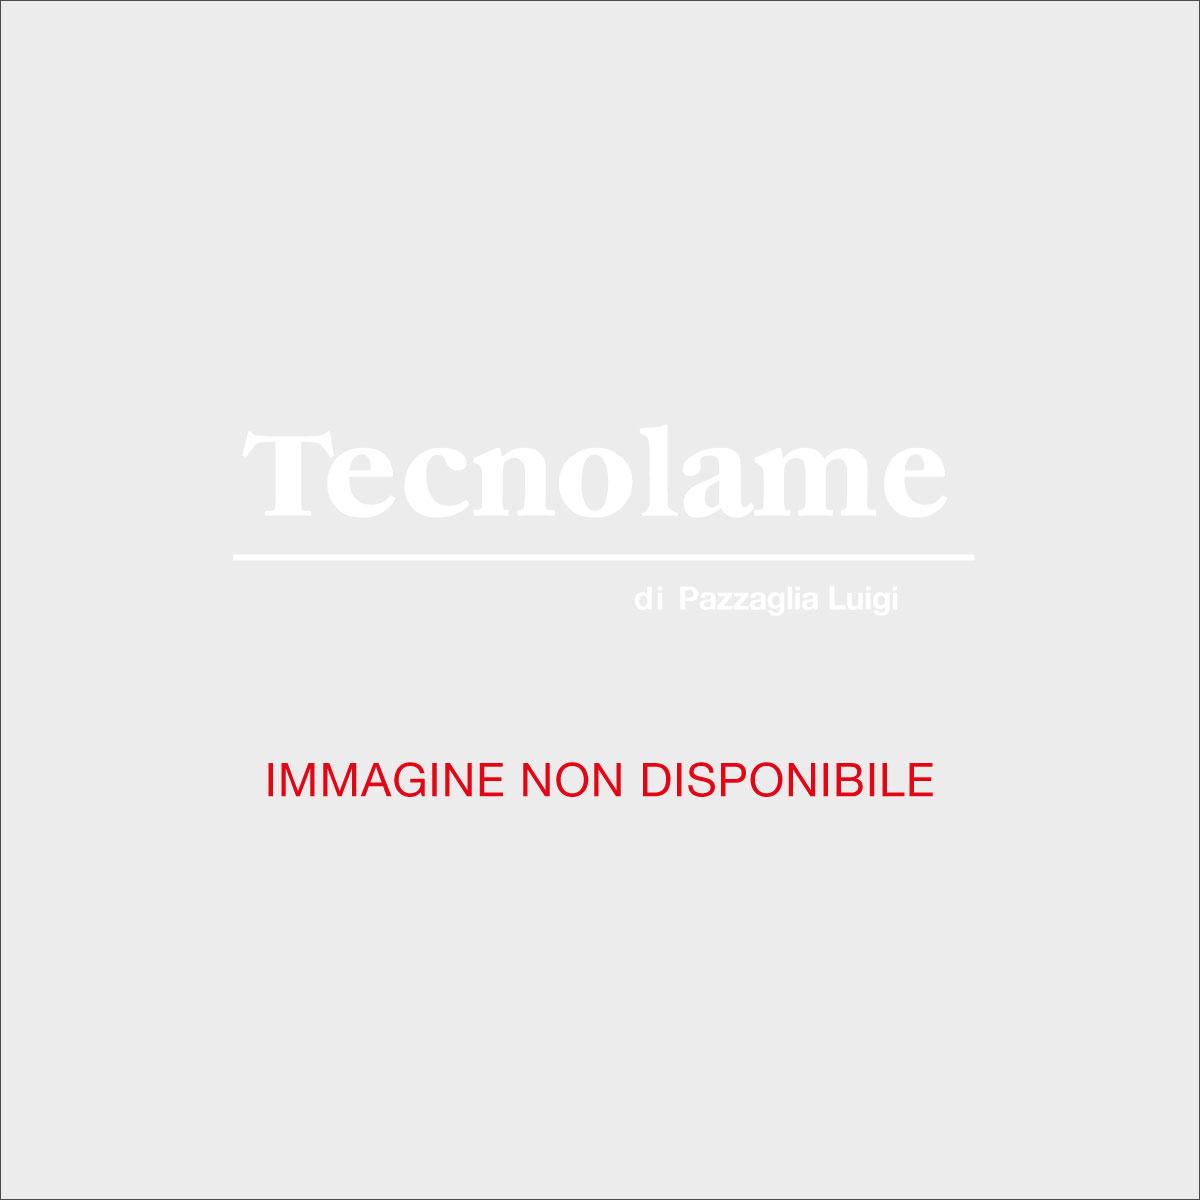 tecnolame